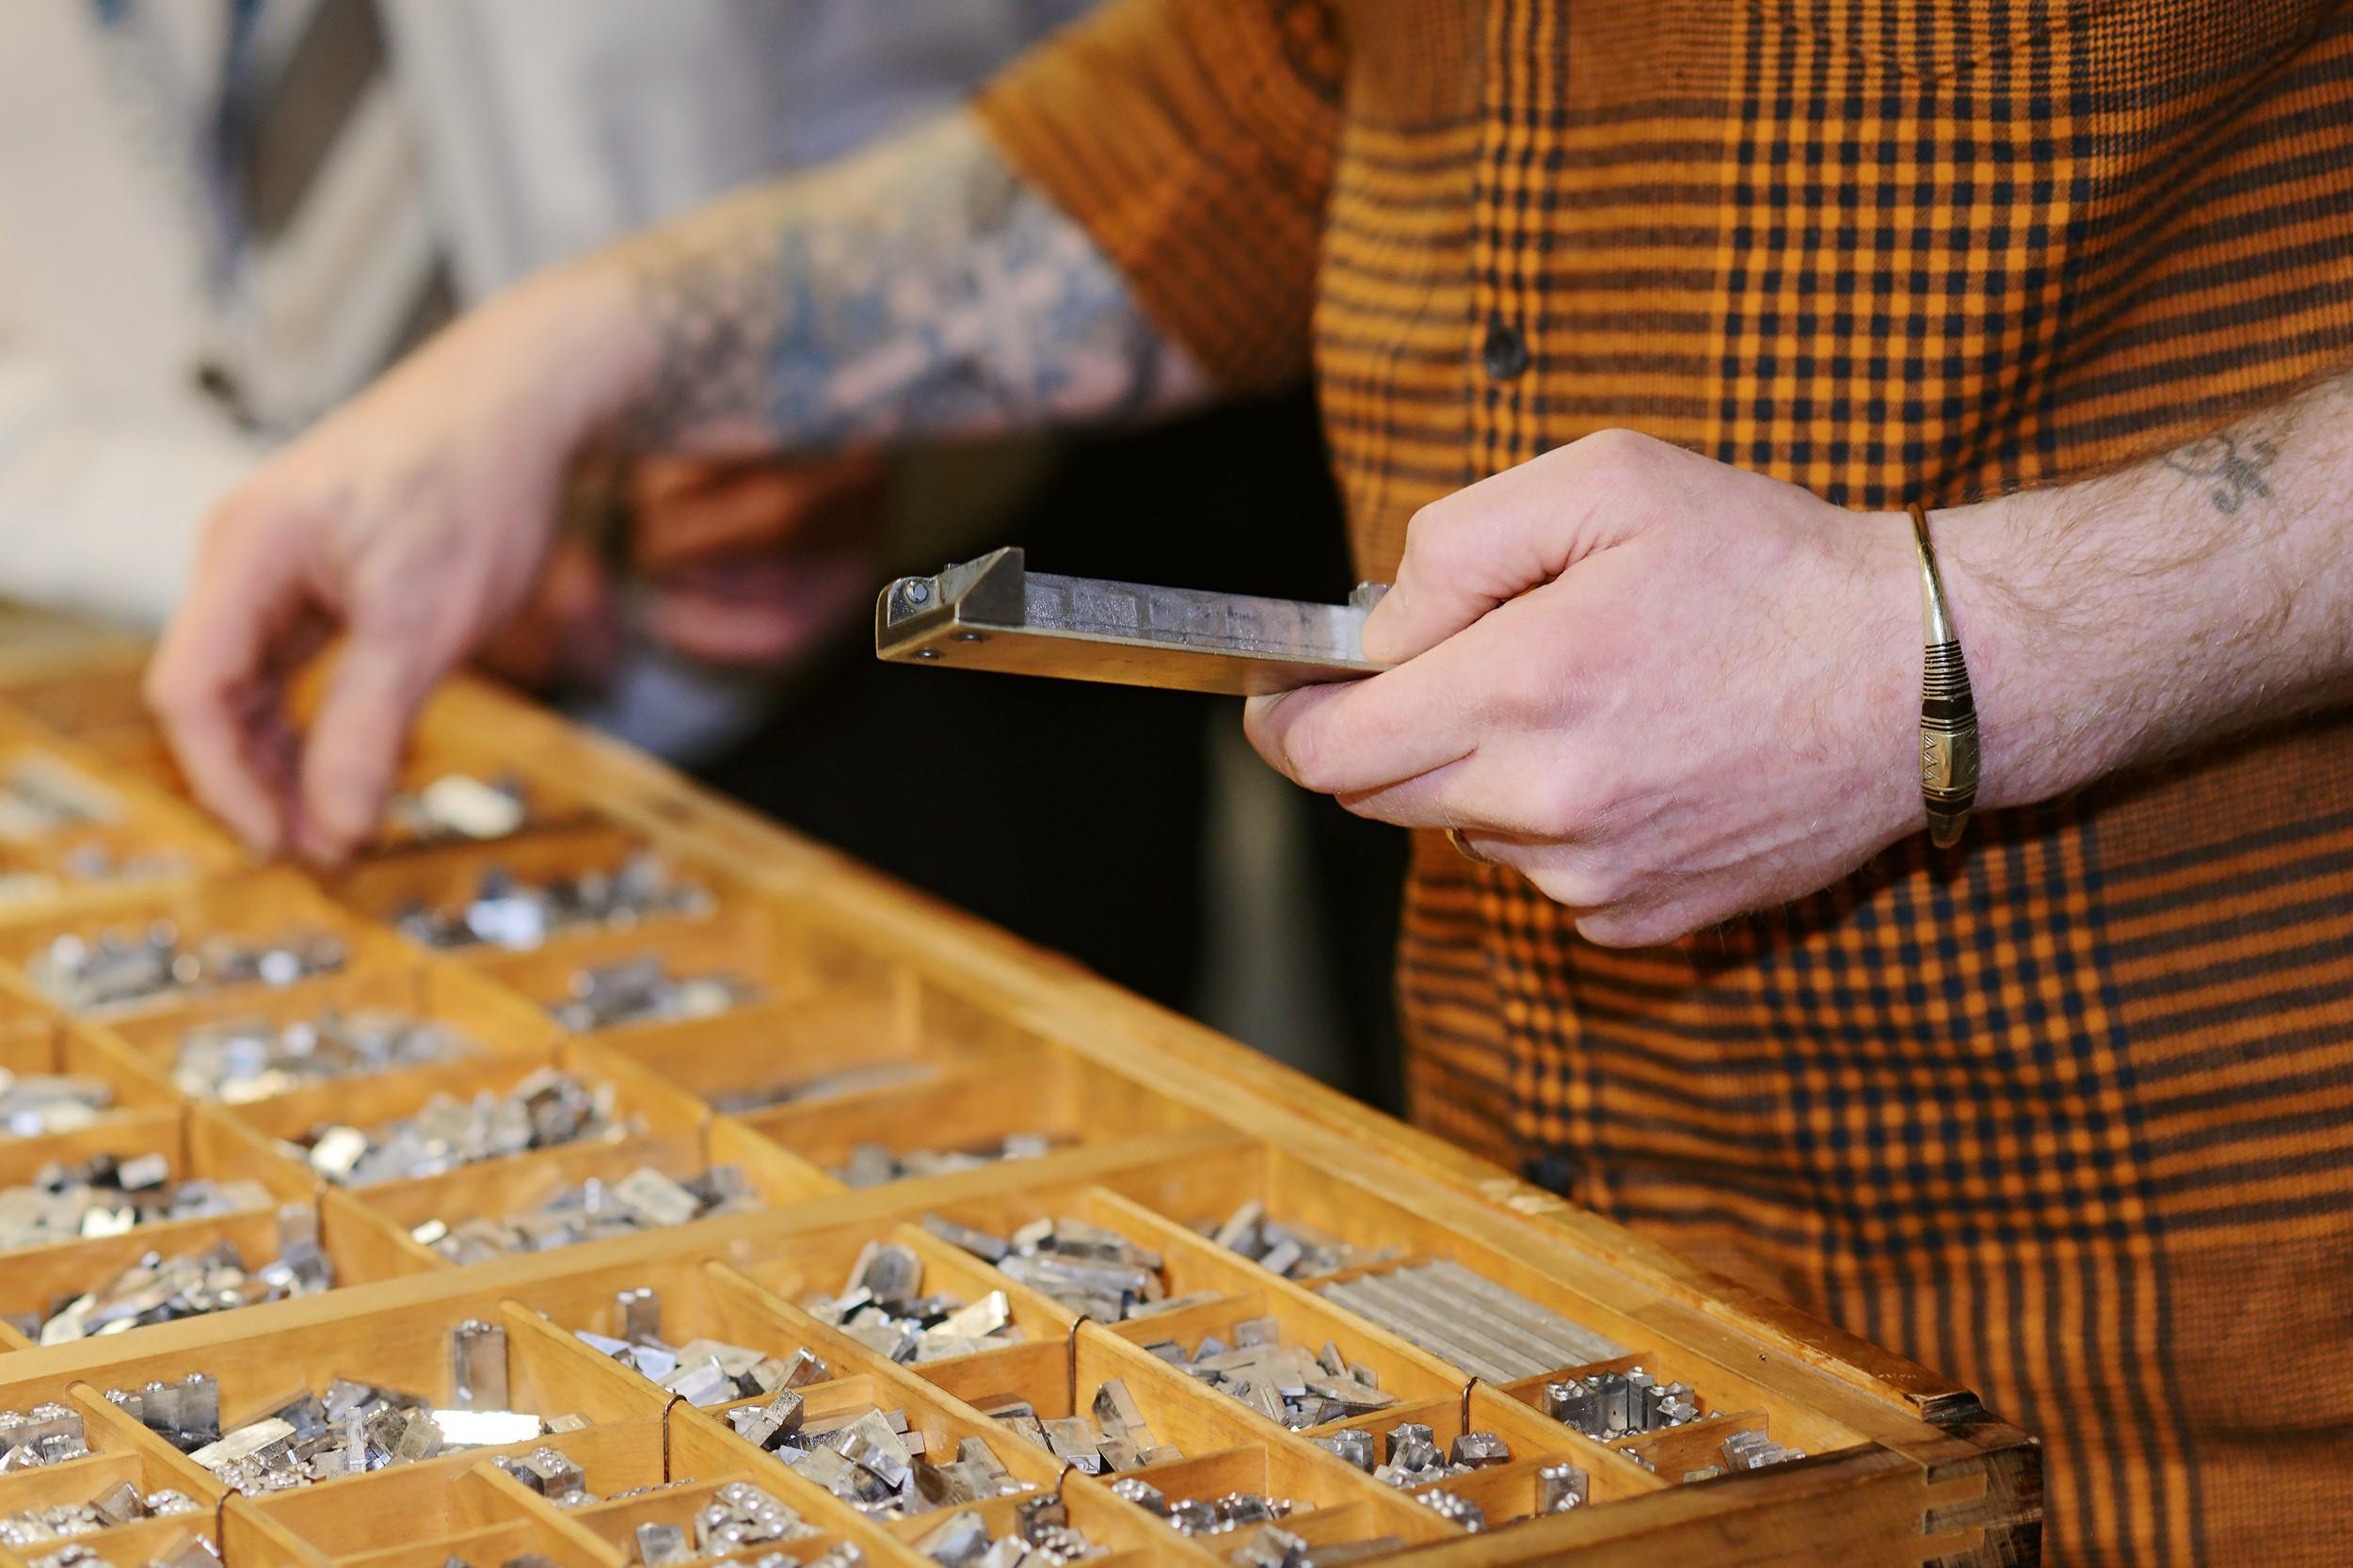 Mies poimii kirjaimia puisesta laatikosta metalliseen ladontahakaan. Lähikuva.